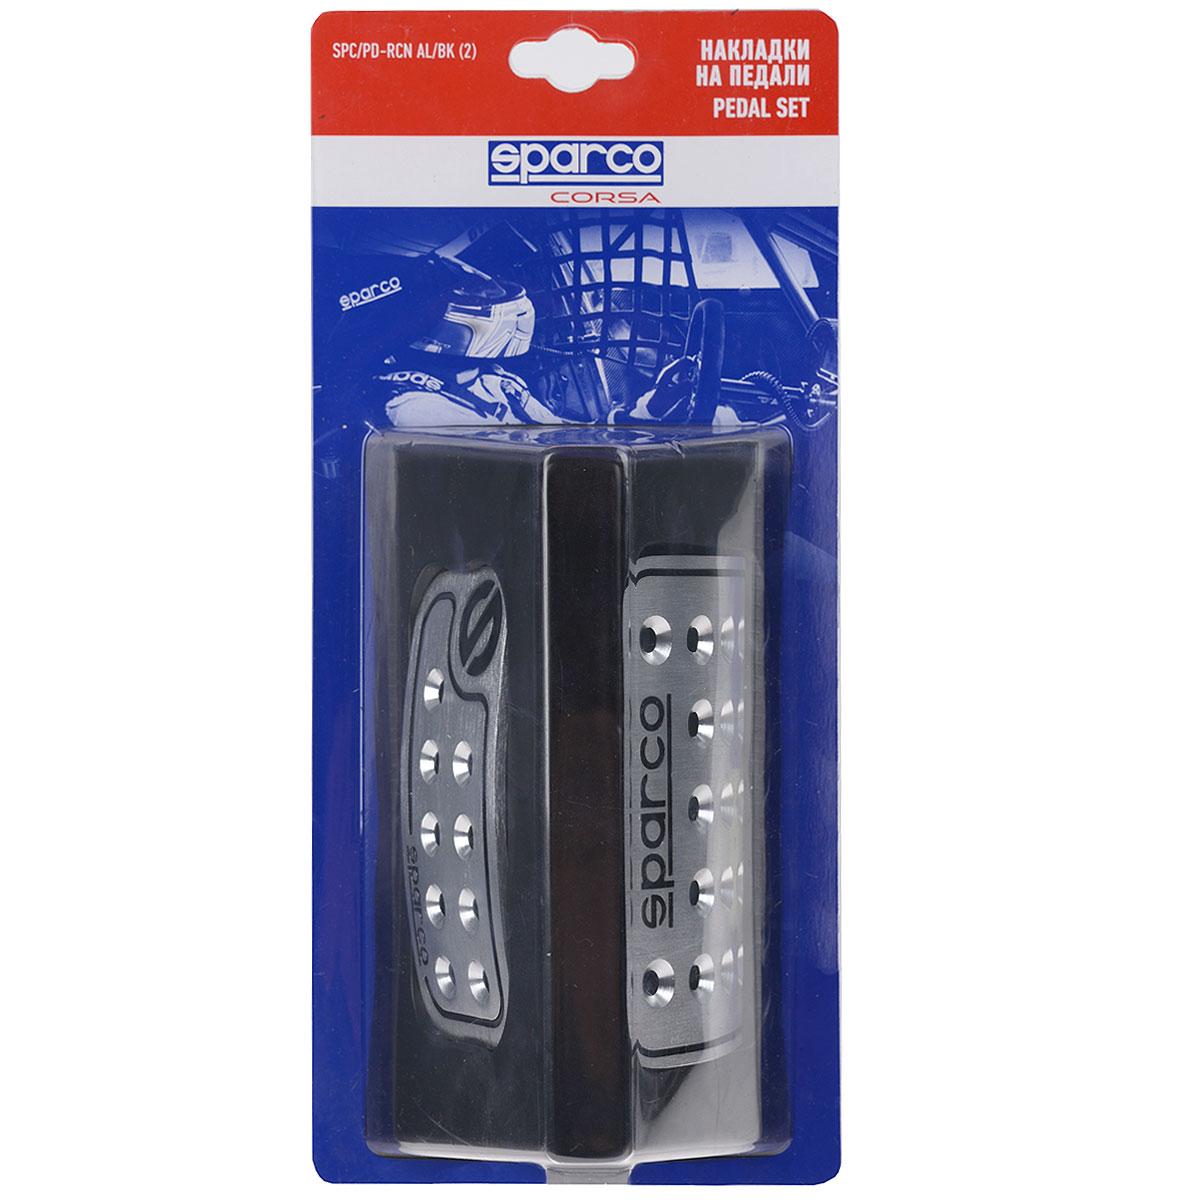 Накладки на педали Sparco Racing, алюминиевые, цвет: серебристый, черный, 2 шт, 1/30SPC/PD-RCN AL/BK (2)Комплект Sparco Racing состоит из двух накладок на педали, выполненных в спортивном дизайне. Конструкция накладок разработана на основе аксессуаров, используемых в автогонках. В качестве материала изделий используется матовый алюминий с глубокой фирменной гравировкой «Sparco» и рядом отверстий, которые препятствуют соскальзыванию ног с педалей управления. Комплект совместим с большинством автомобилей, оснащенных автоматической трансмиссией. Накладки устанавливаются на штатные педали автомобиля, которые при этом, как правило, необходимо просверлить. Для монтажа накладок к комплекту прилагаются необходимые крепежные элементы и инструкция по установке. Характеристики: Материал: алюминий. Цвет: серебристый, черный. Комплектация: 2 шт. Размеры накладки на педаль акселератора: 115,5 х 55 мм. Размеры накладки на педаль тормоза: 80,5 х 55 мм. Размер упаковки: 31 см х 15 см х 9 см. Артикул: SPC/PD-RCN AL/BK (2).